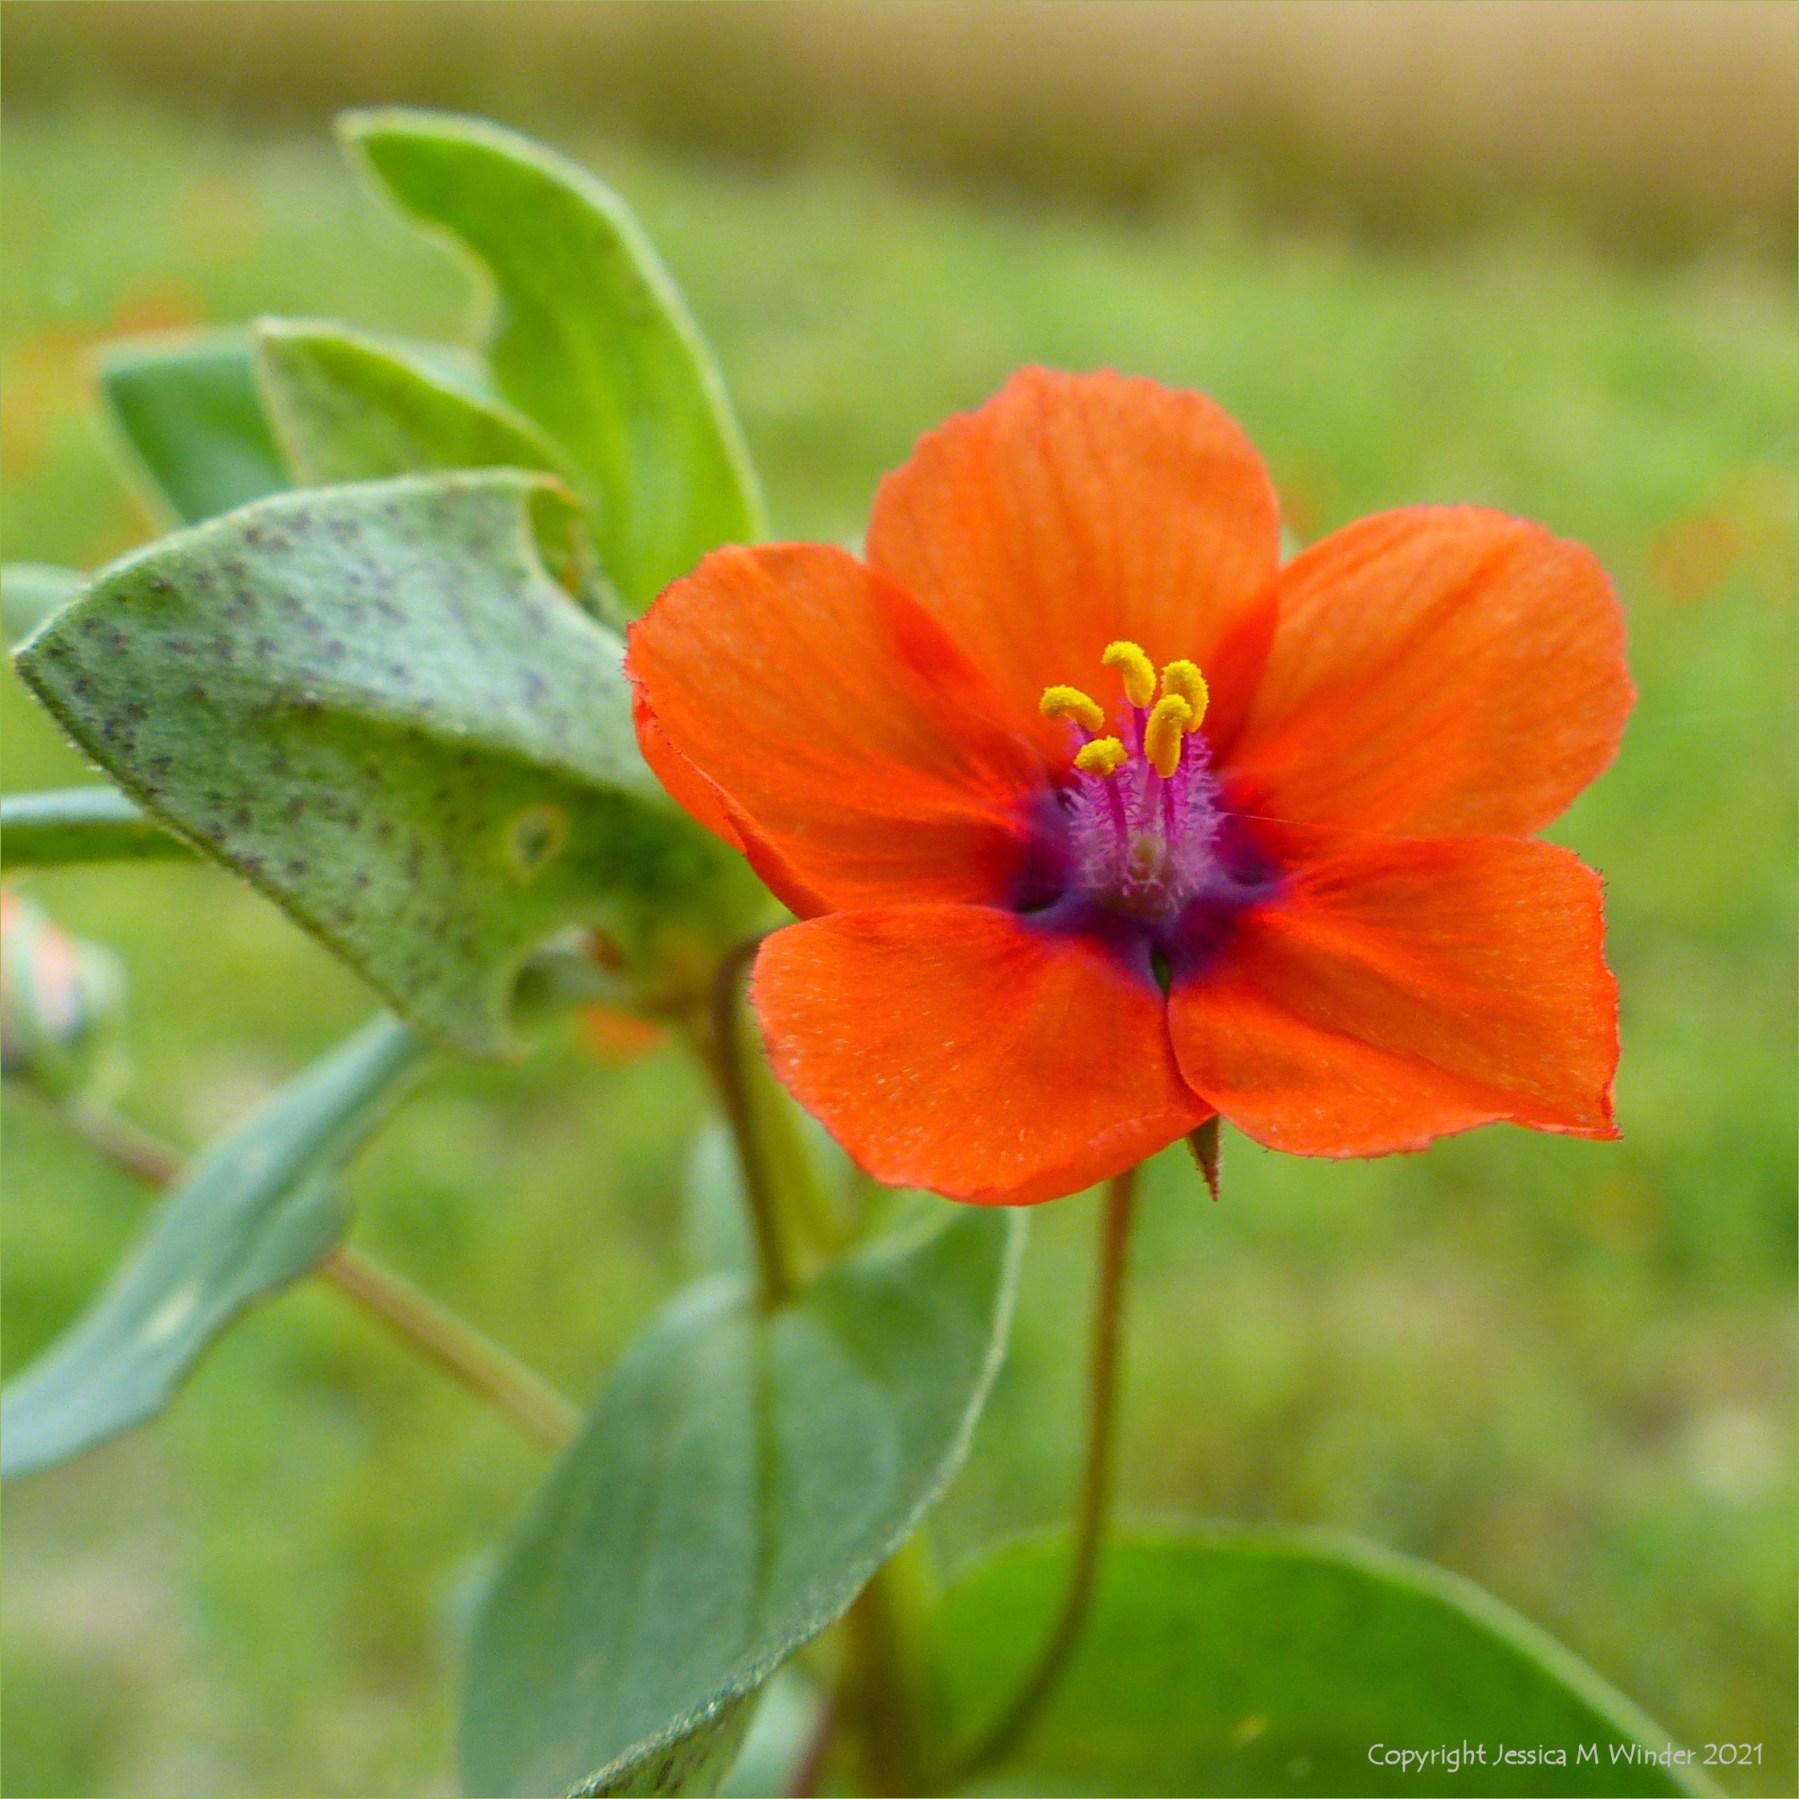 Orange flower of Scarlet Pimpernel close up